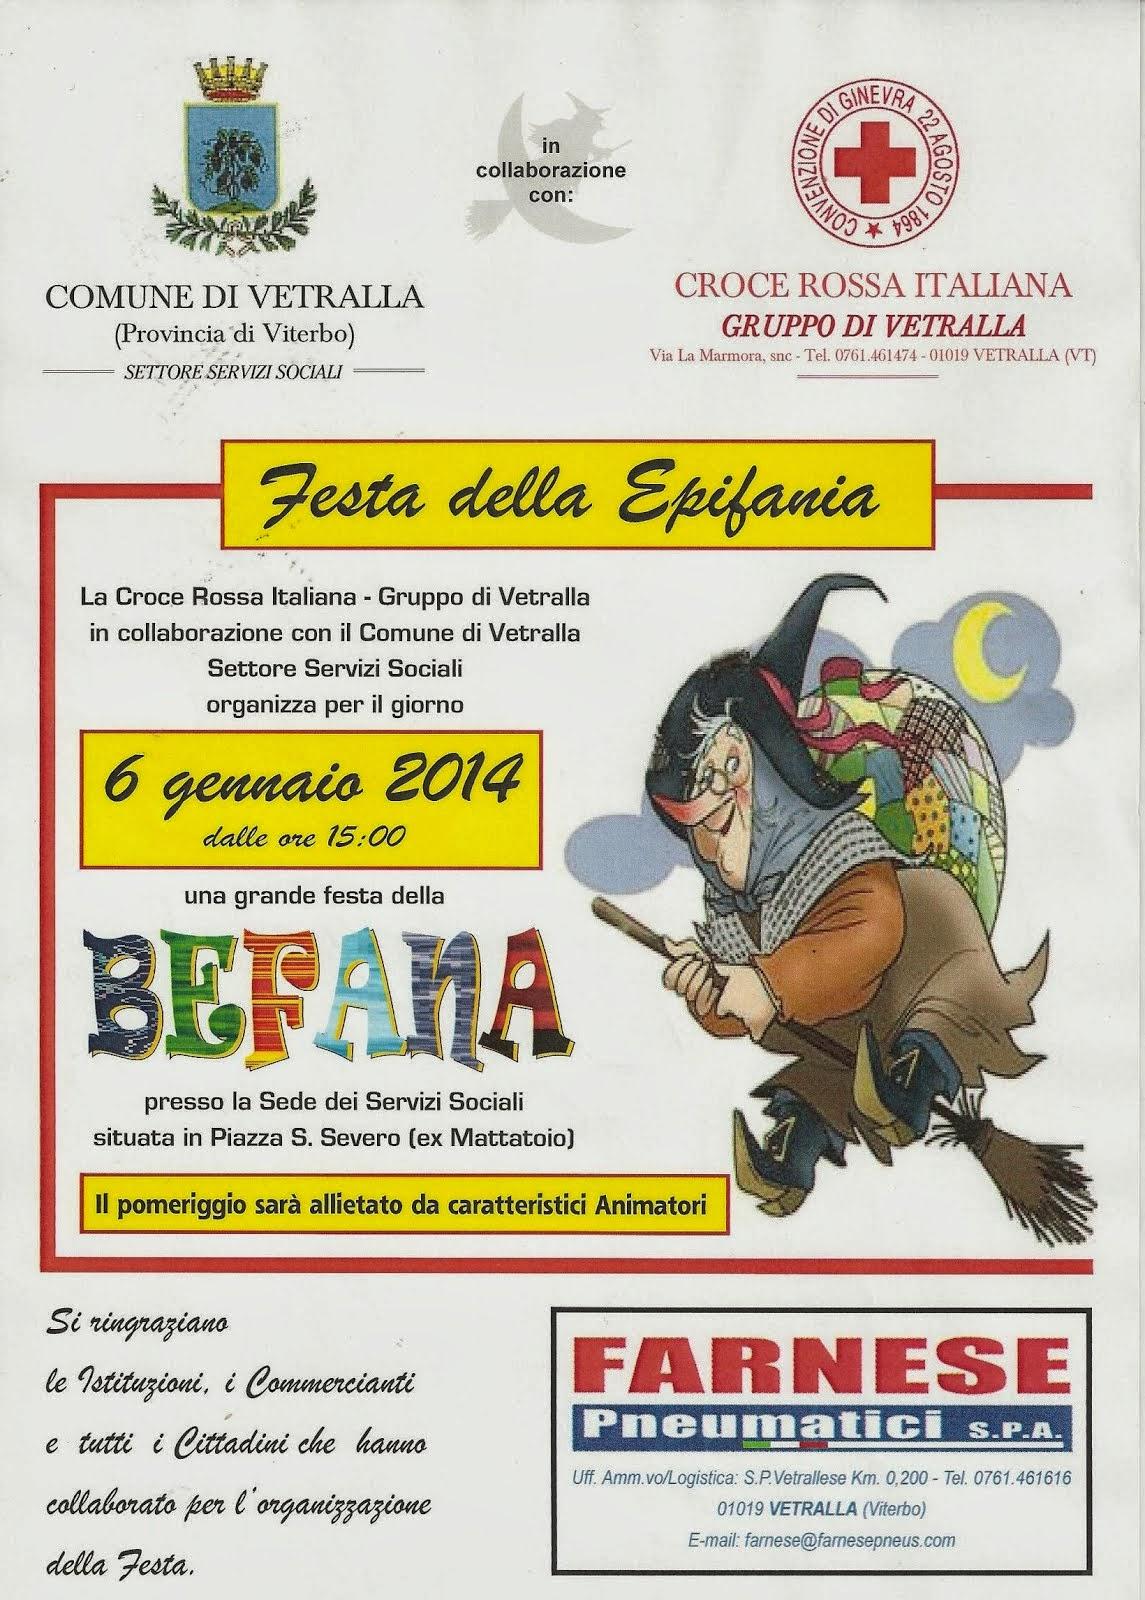 Croce Rossa Italiana - Gruppo di Vetralla presenta la Befana